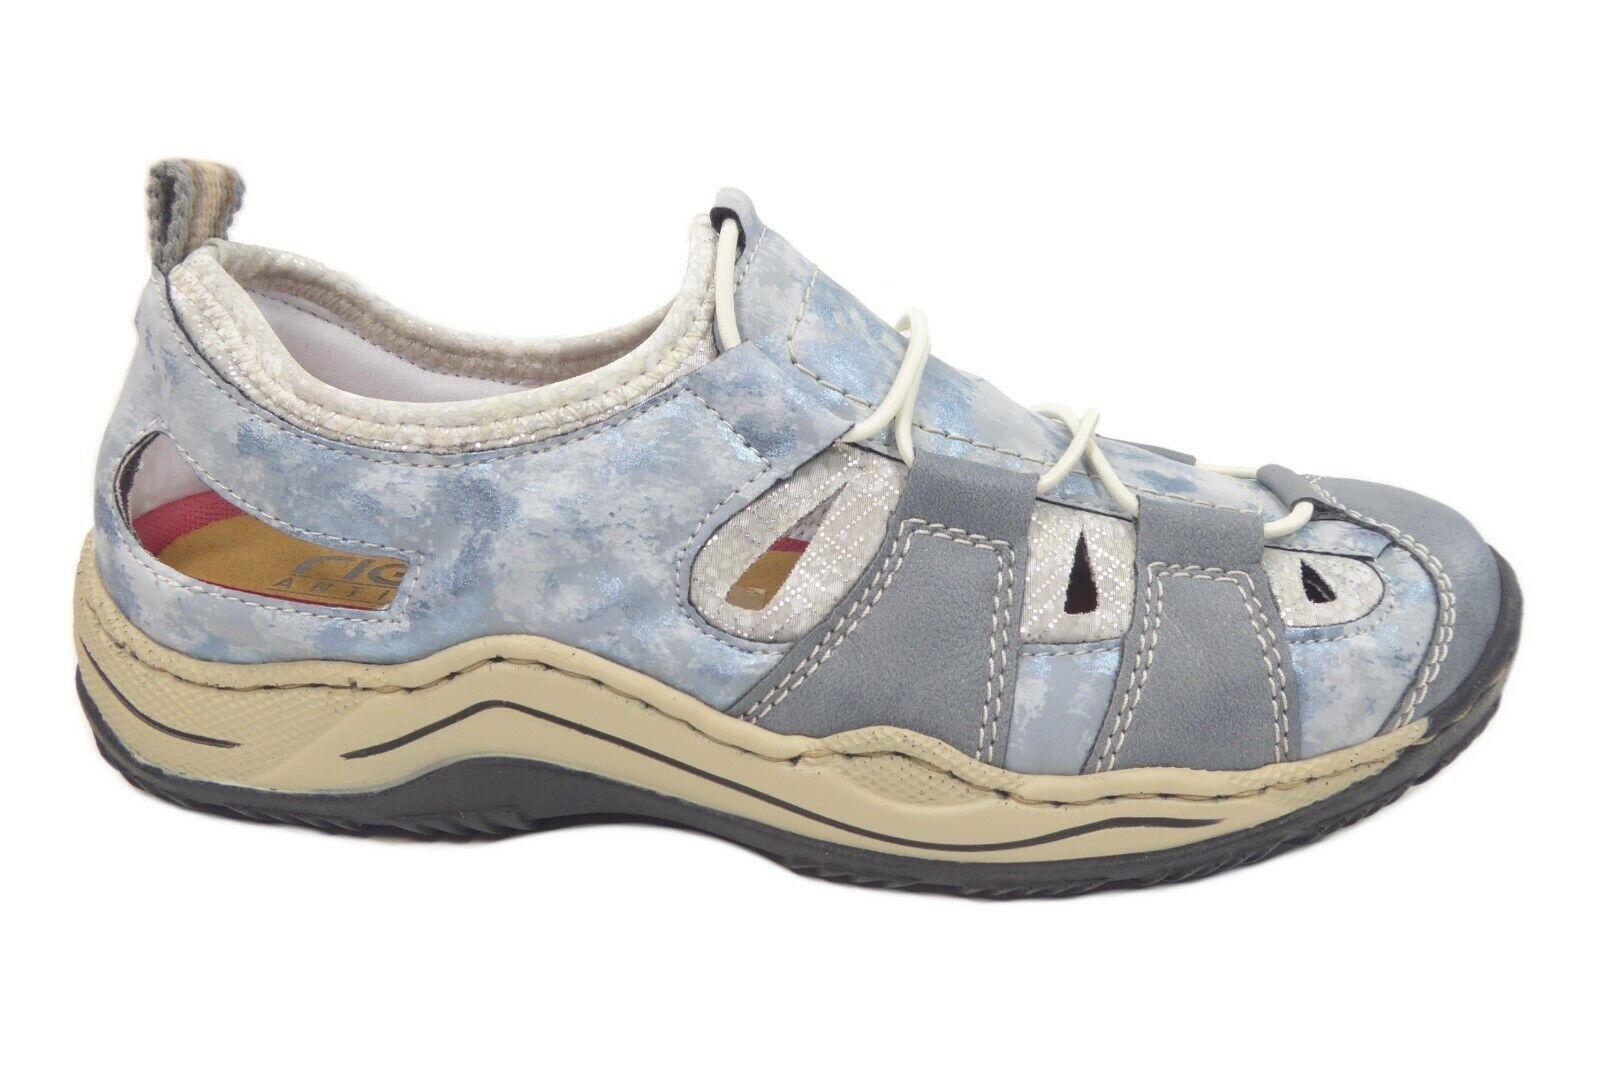 Rieker Damenschuhe Halbschuhe Slipper durchbrochen in Blau L0561-12